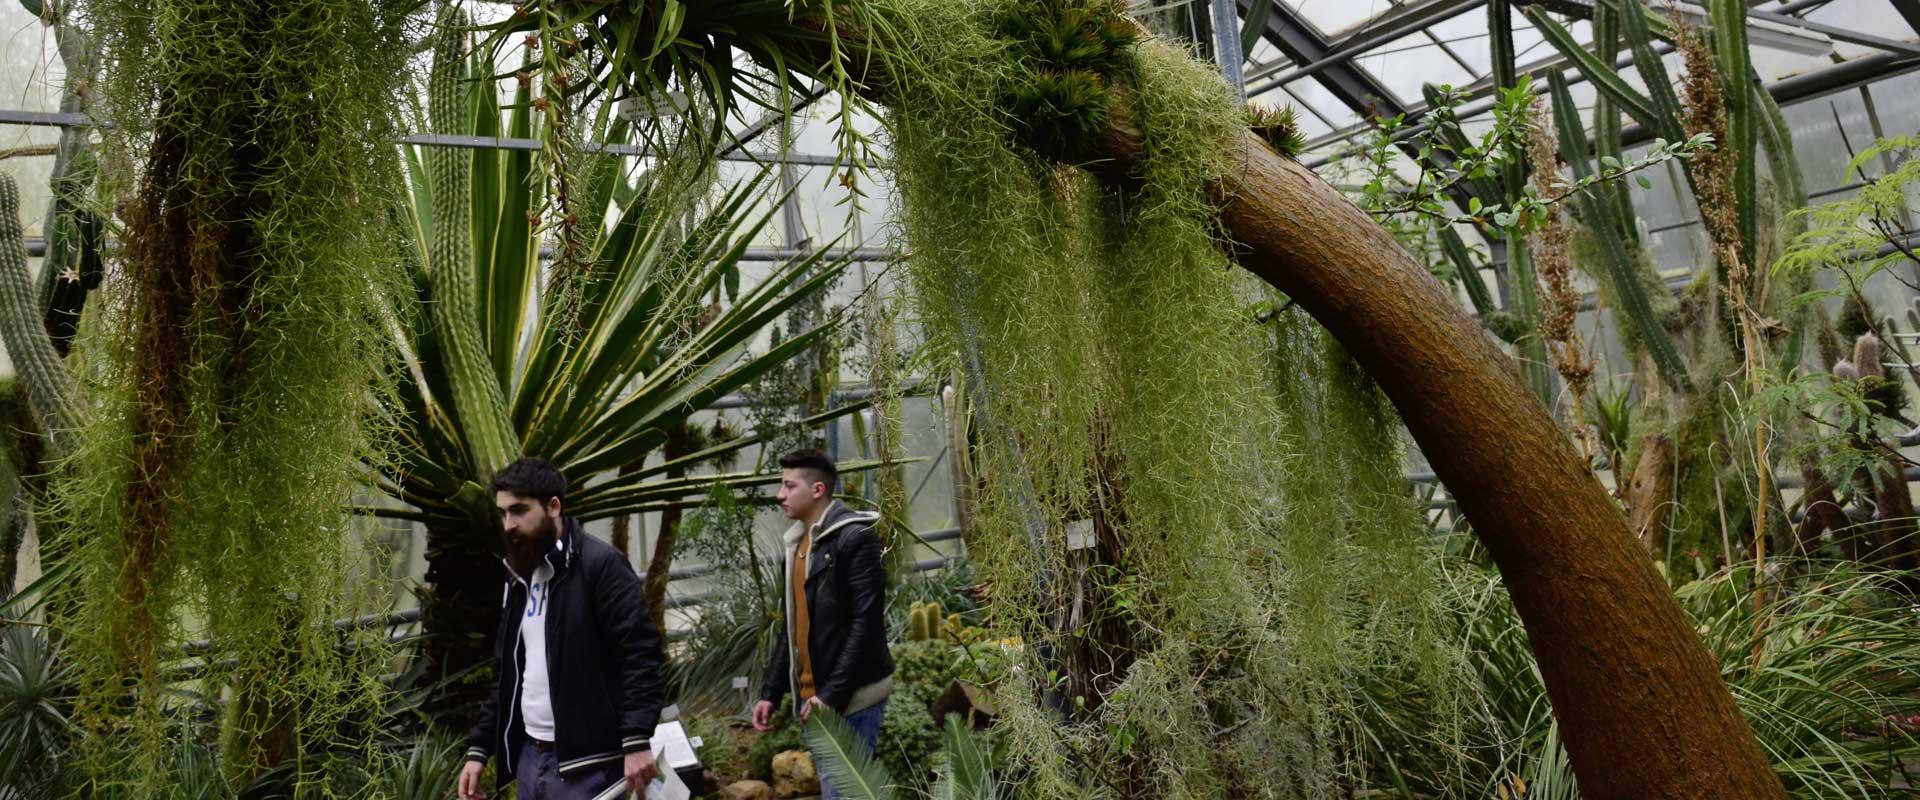 Exkursion Botanischer Garten Bochum